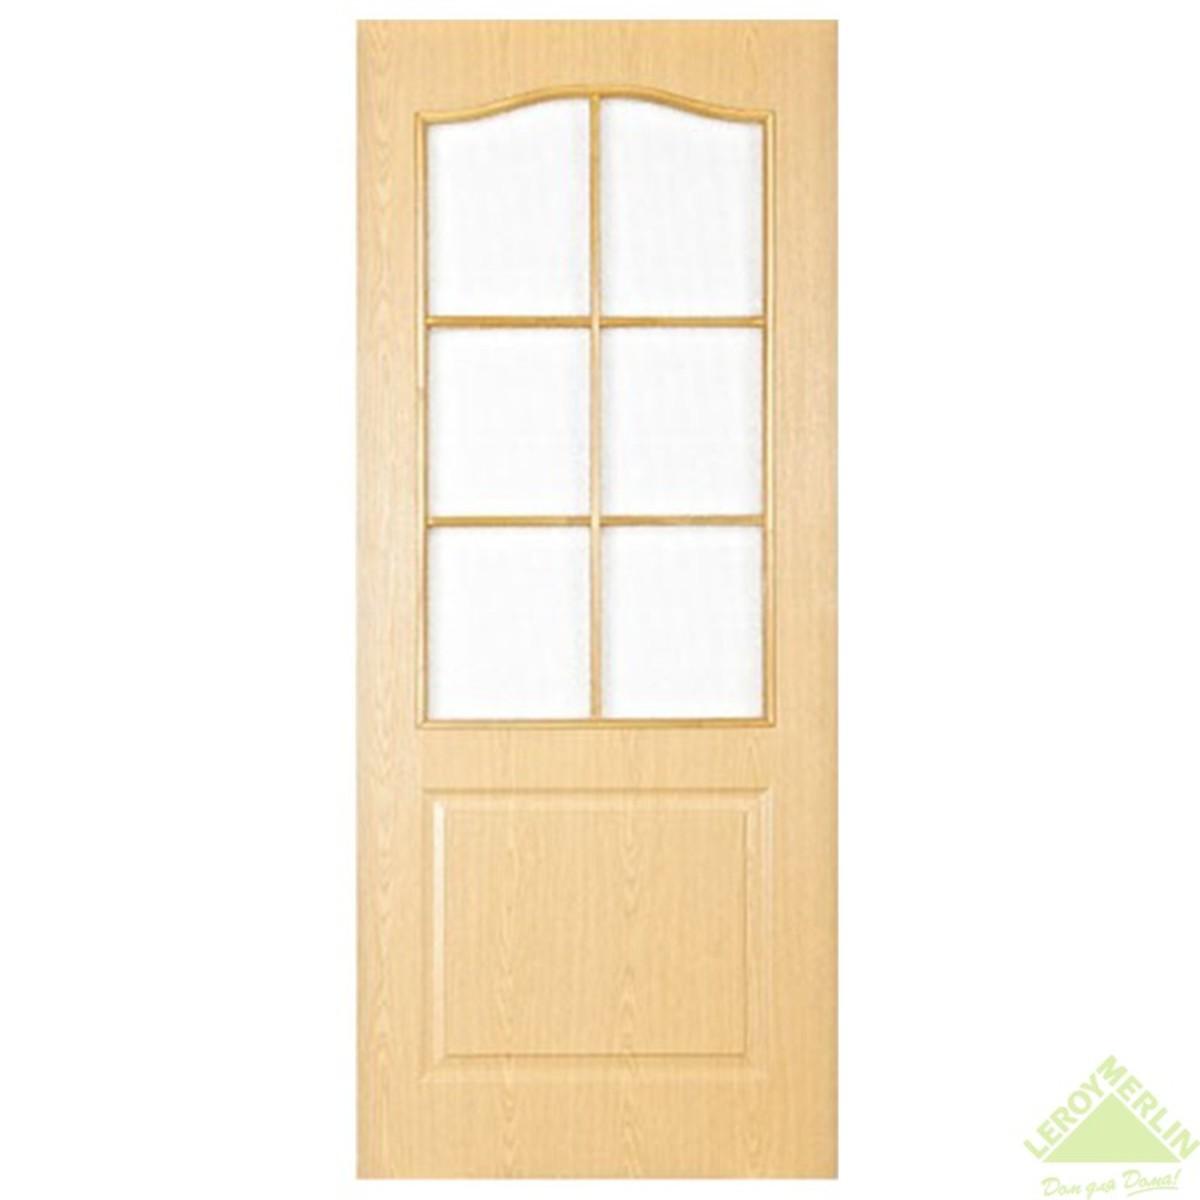 Дверь Межкомнатная Остеклённая Палитра 70x200 Ламинация Цвет Дуб